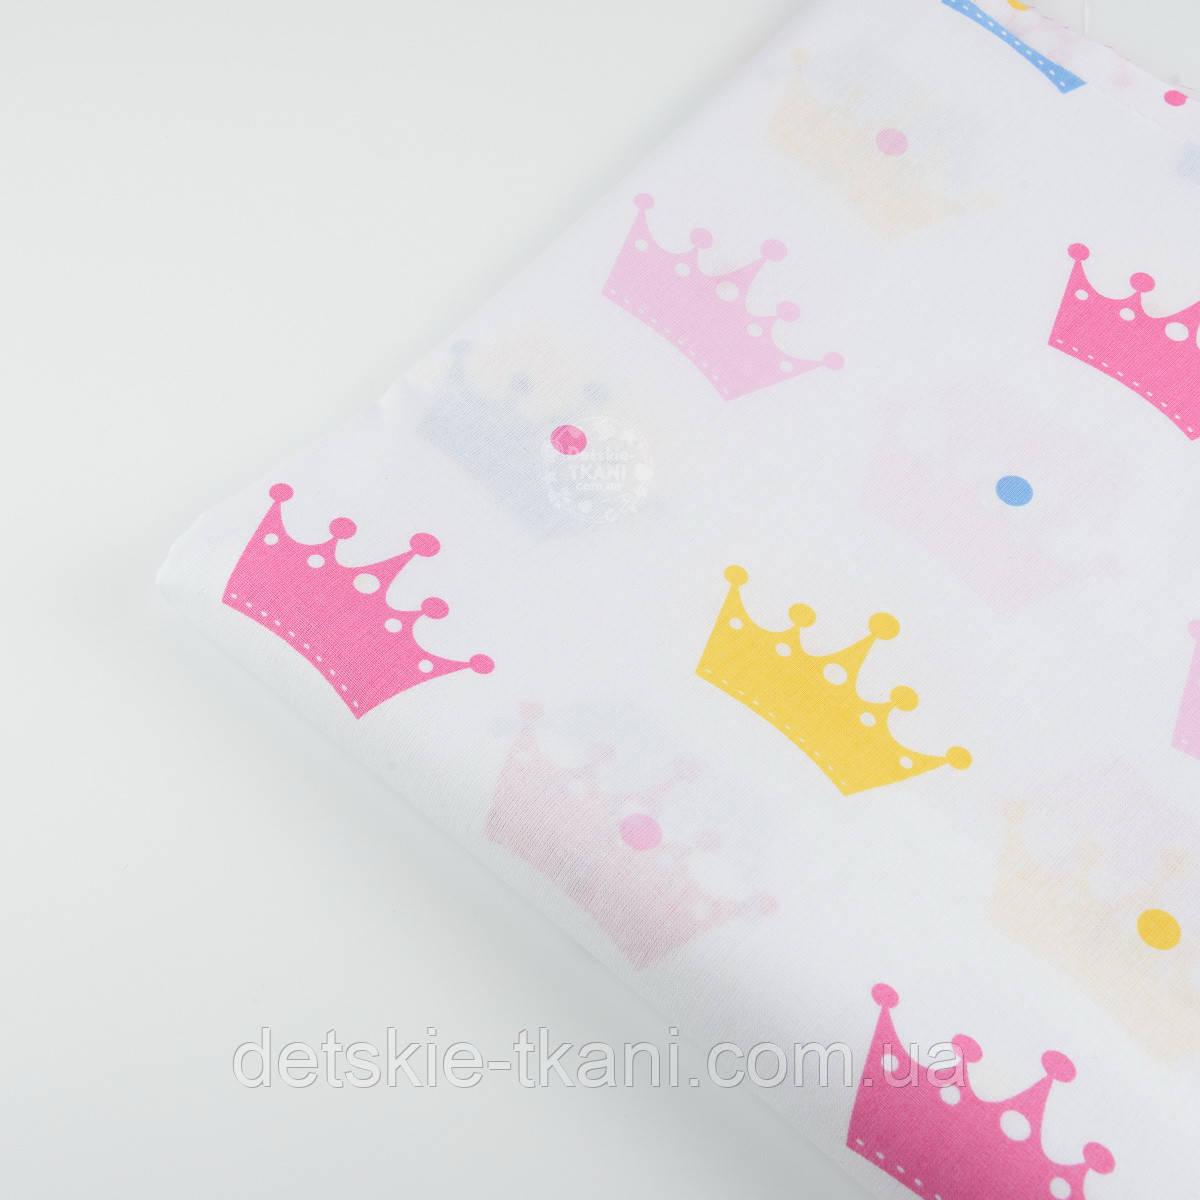 Лоскут ткани №102  с разноцветными коронами на белом фоне размером